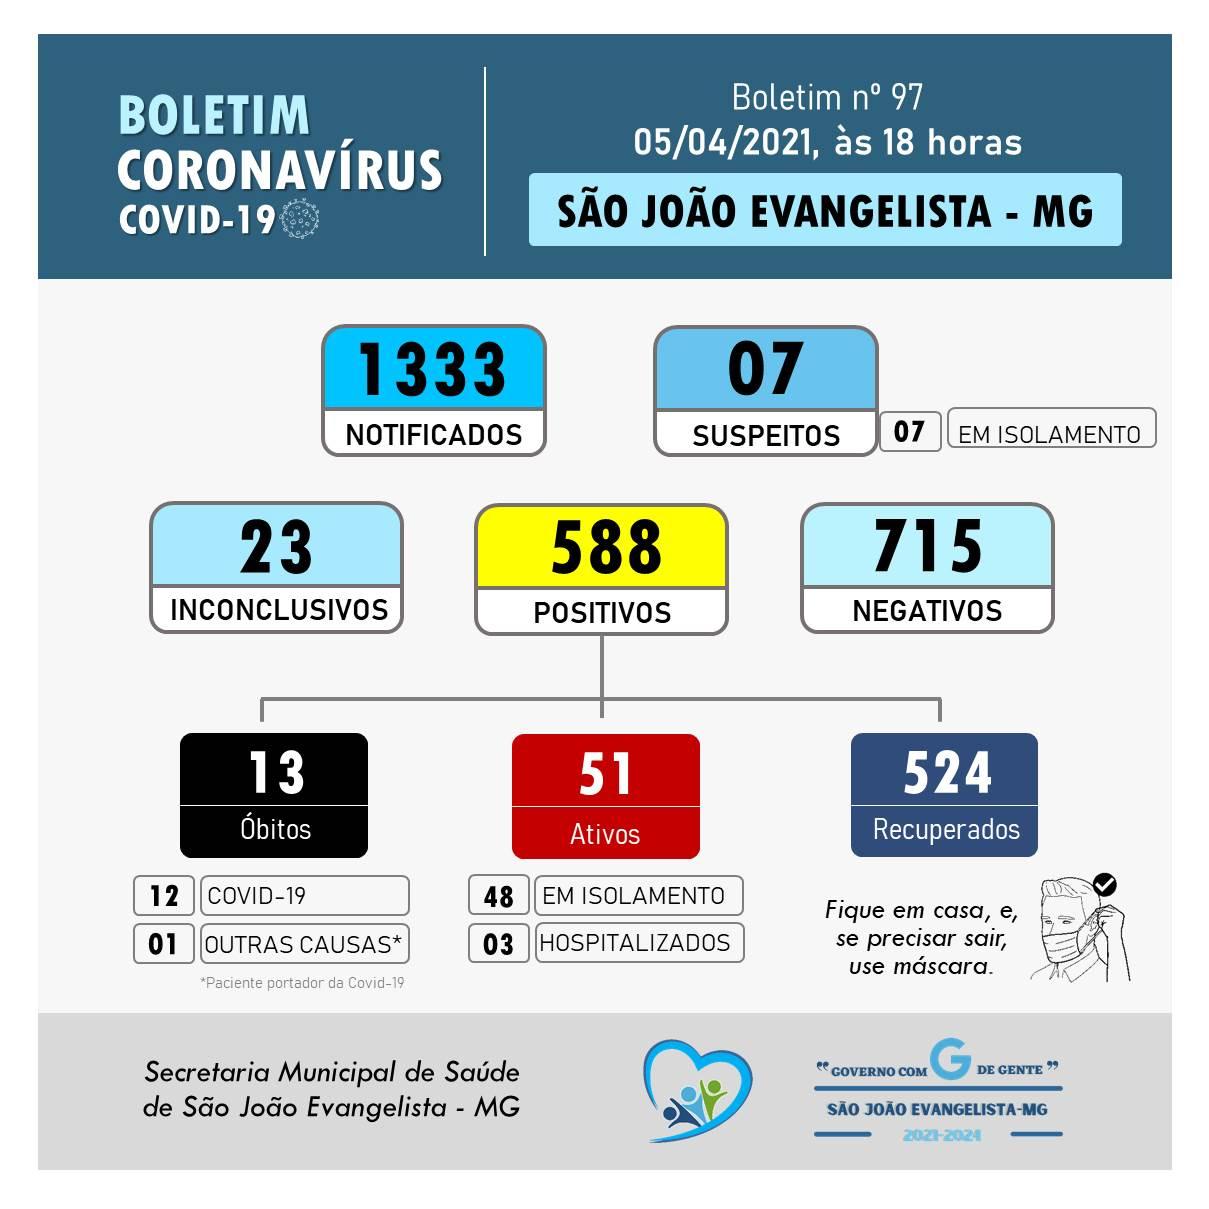 BOLETIM CORONAVÍRUS N° 097 DE 05/04/2021